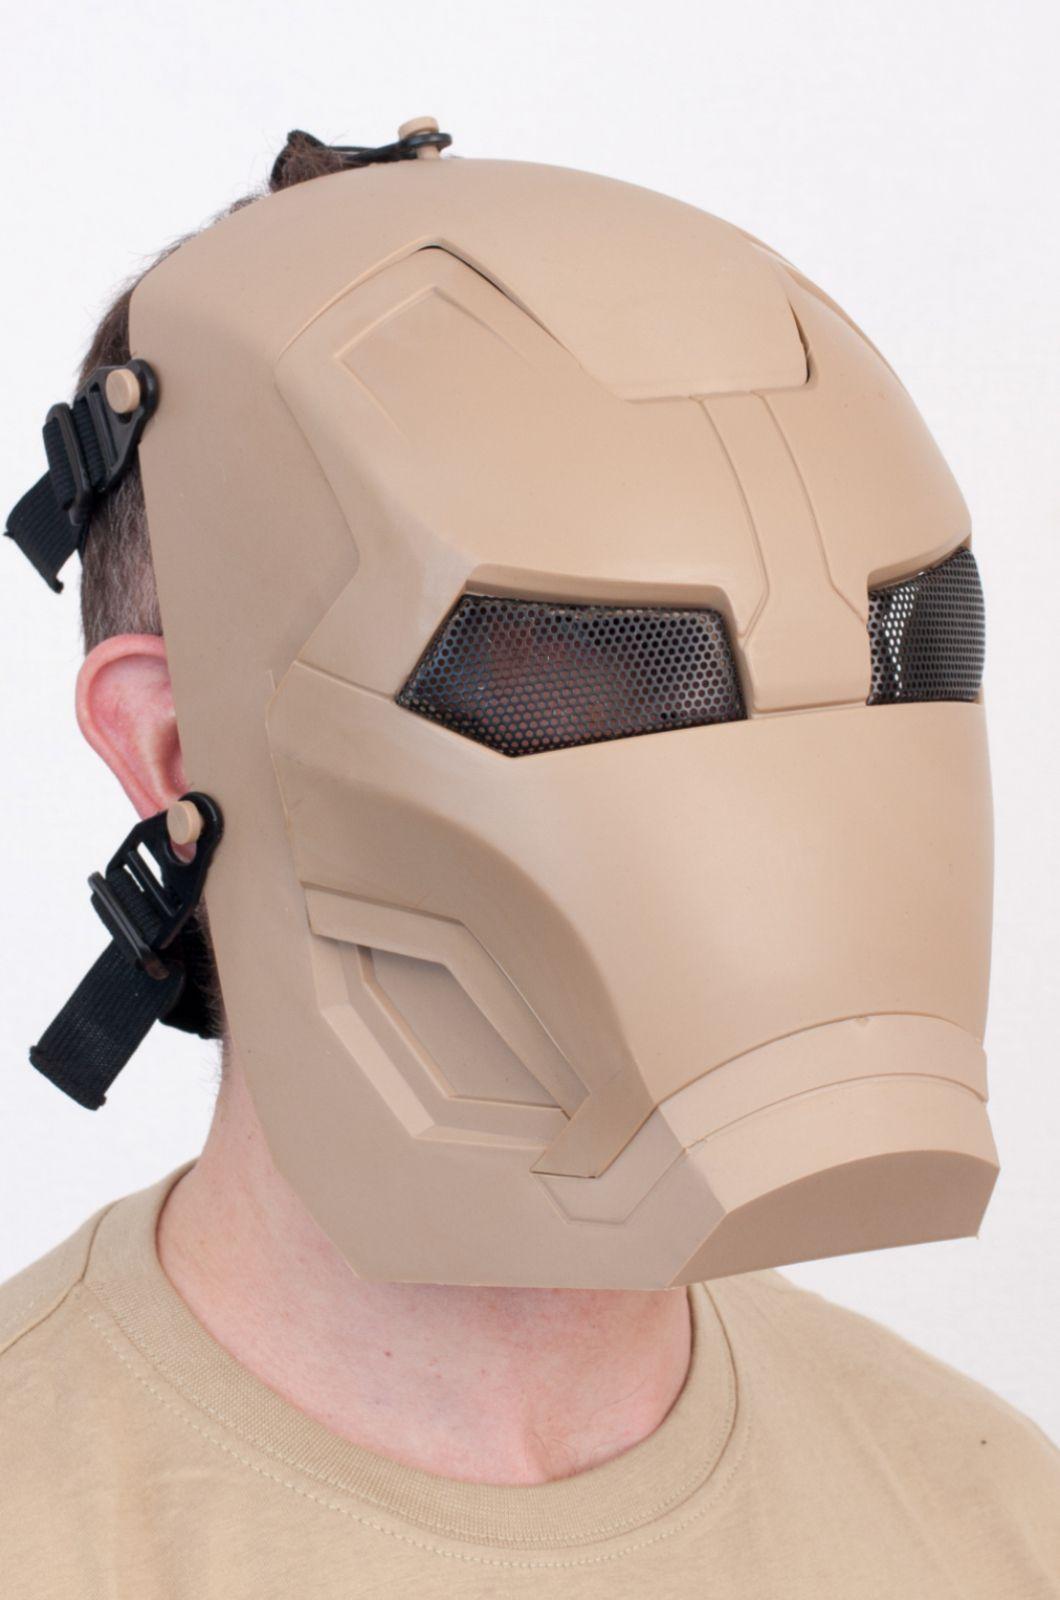 Тактическая маска железного человека по лучшей цене